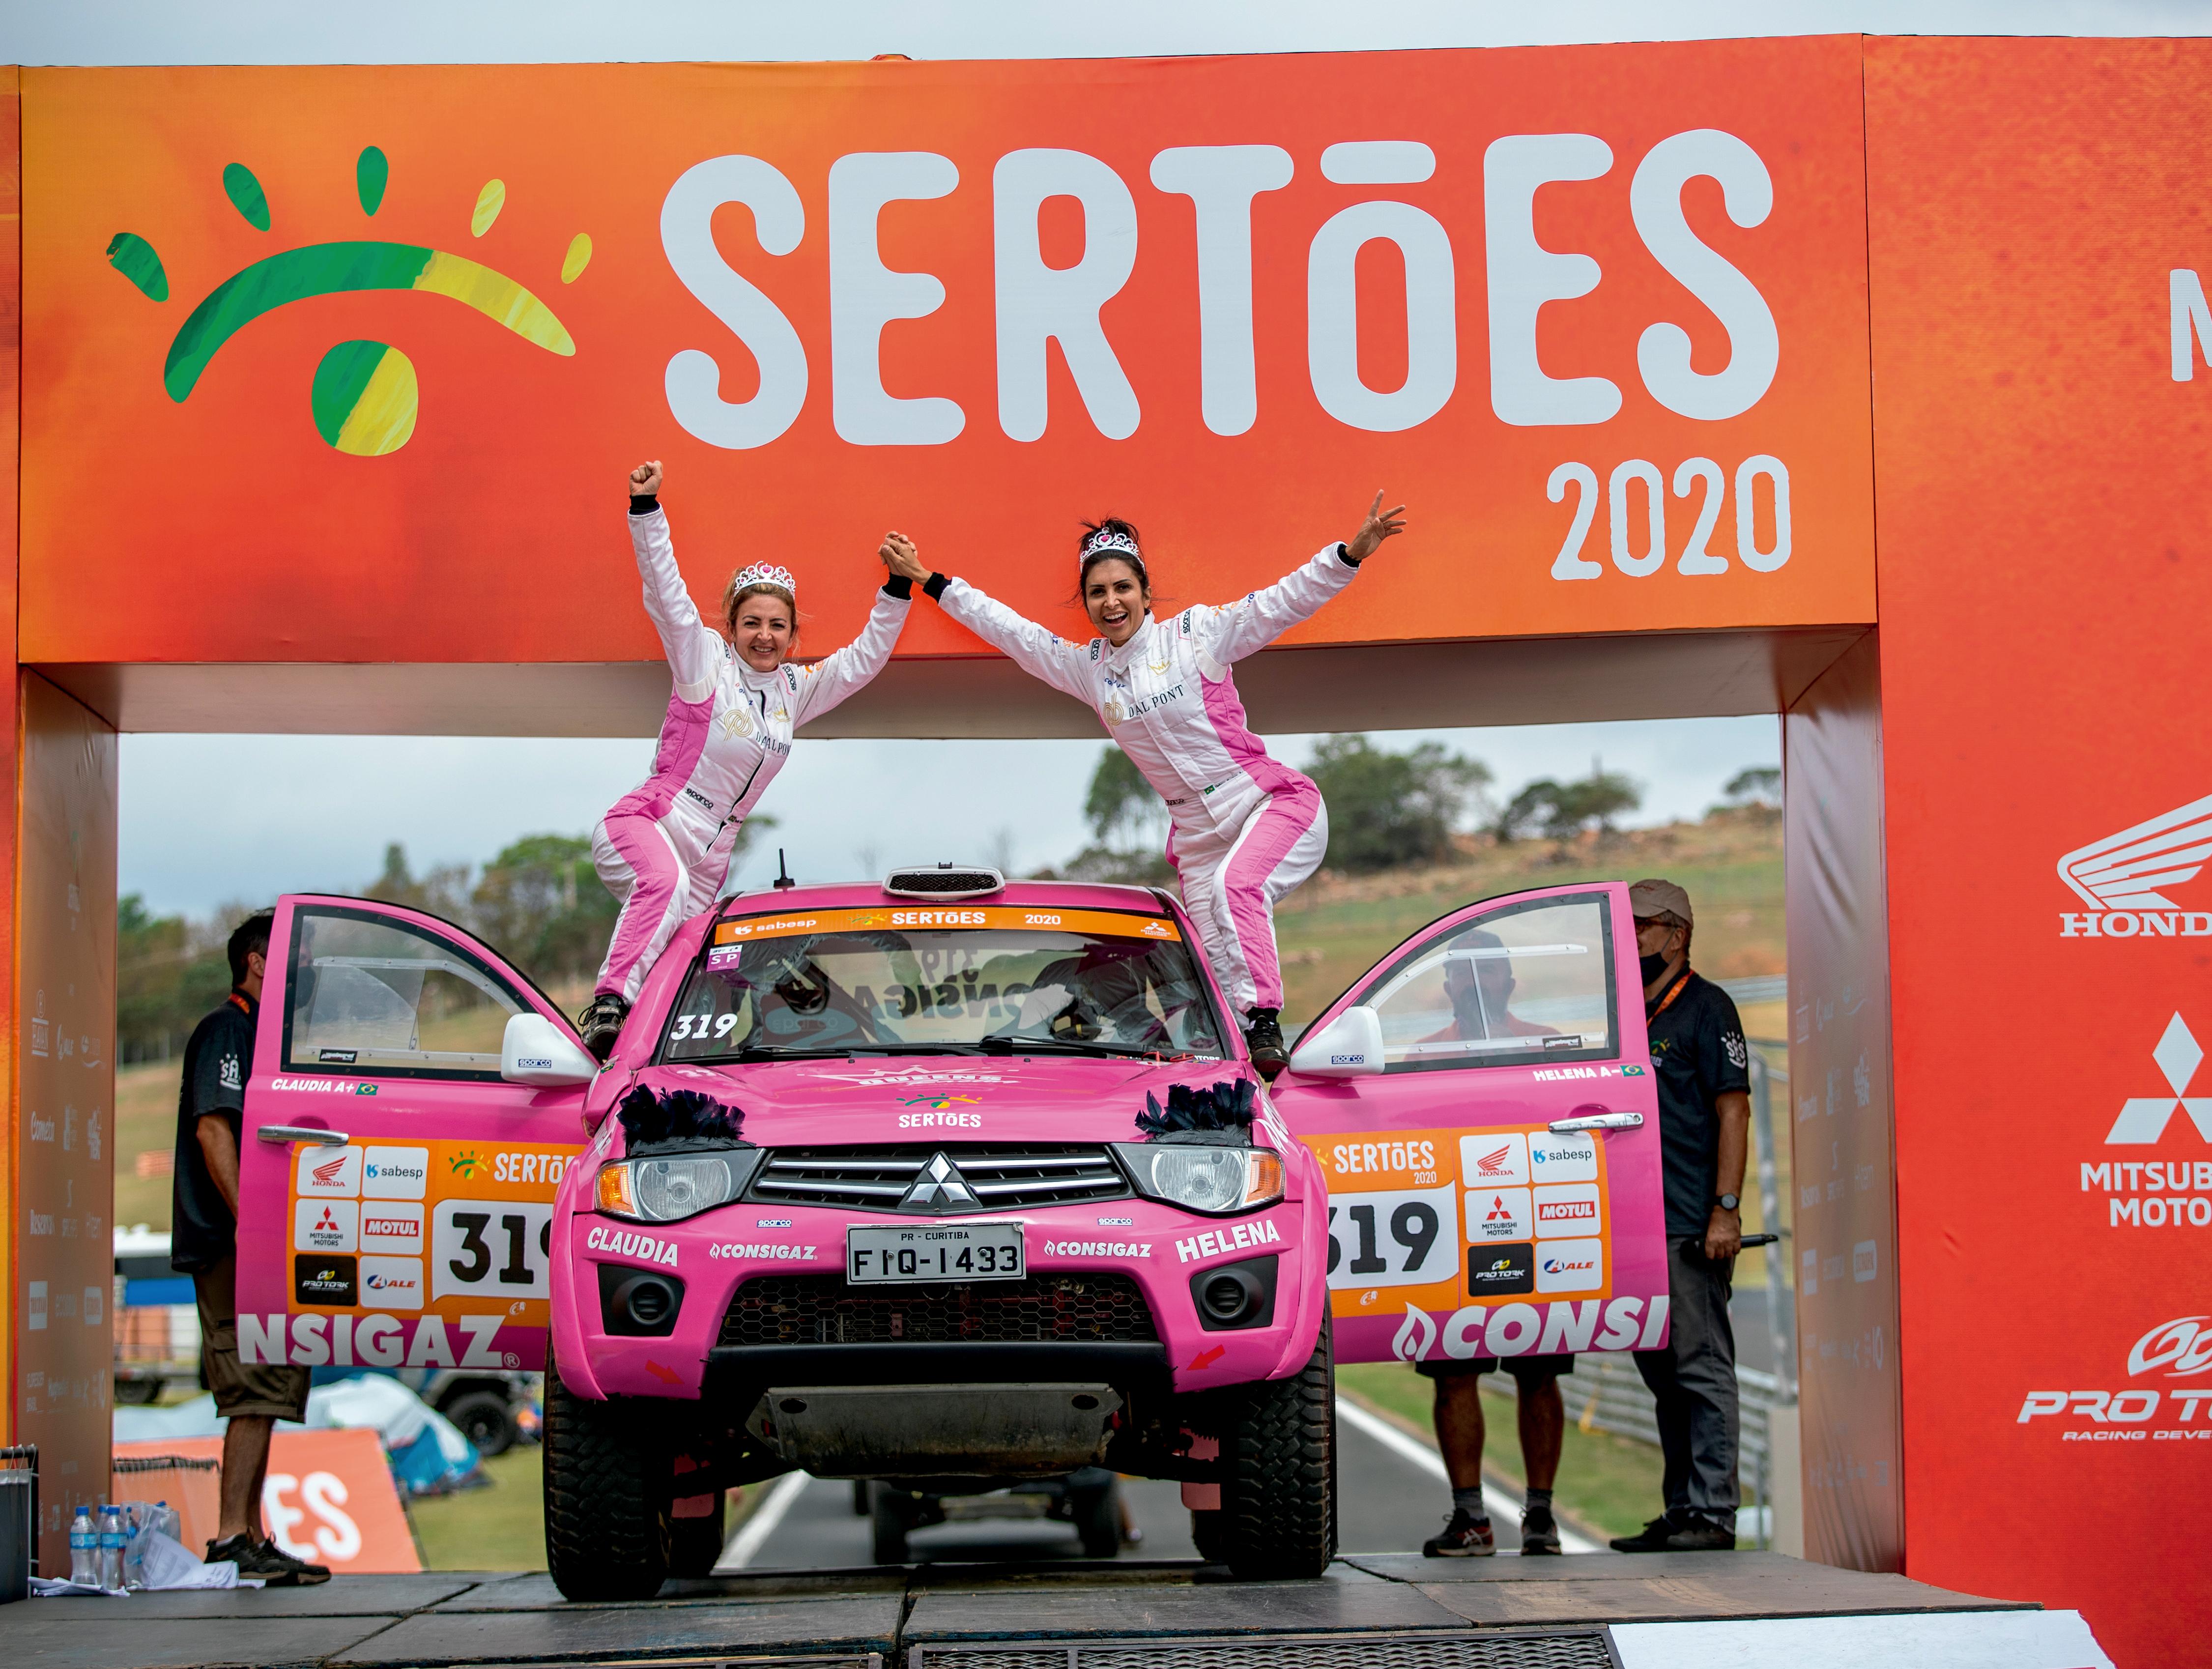 duas mulheres estão de pé apoiadas nas portas abertas de um carro cor de rosa. O farol do carro tem um item que imita cílios